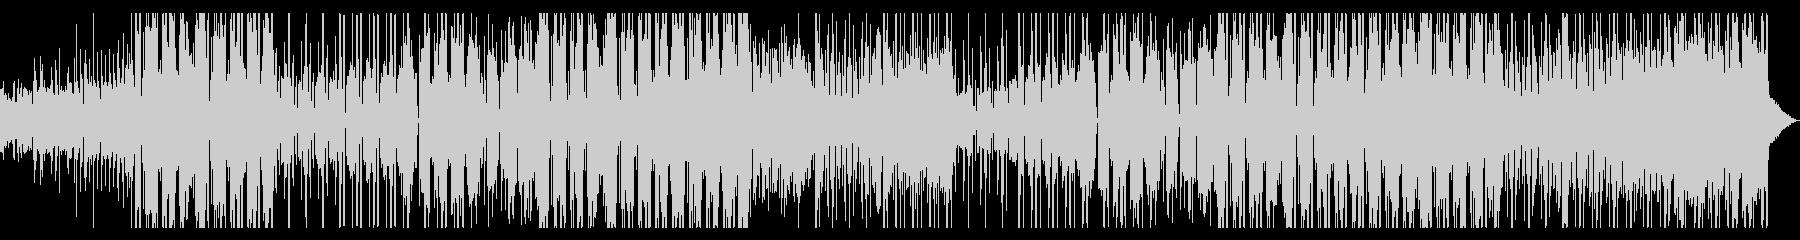 声ネタ使用シンセポップ・エレクトロの未再生の波形